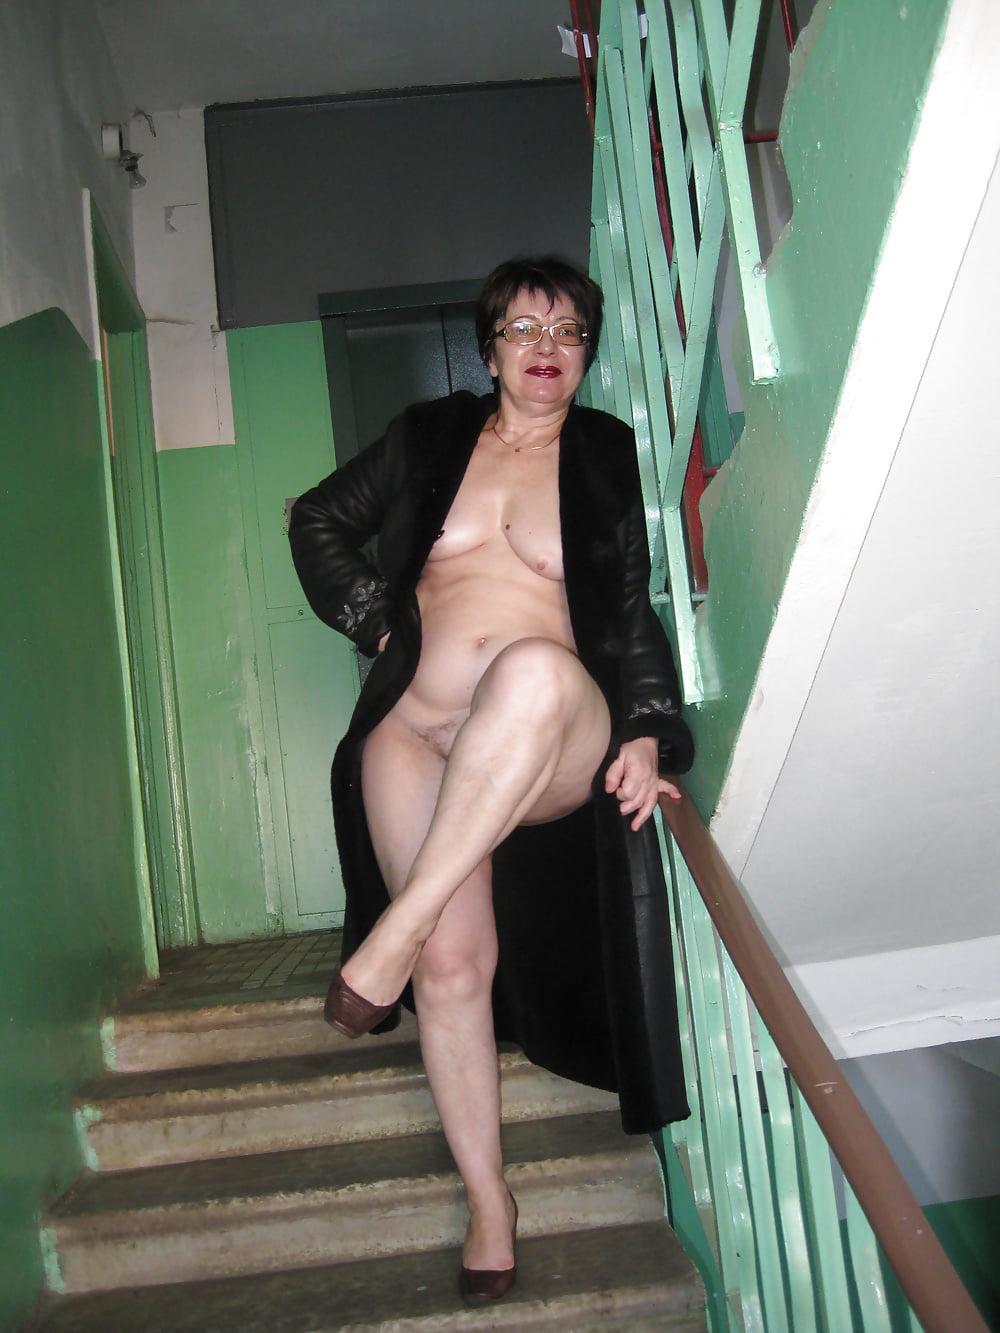 порно зрелая соседка в подъезде - 5